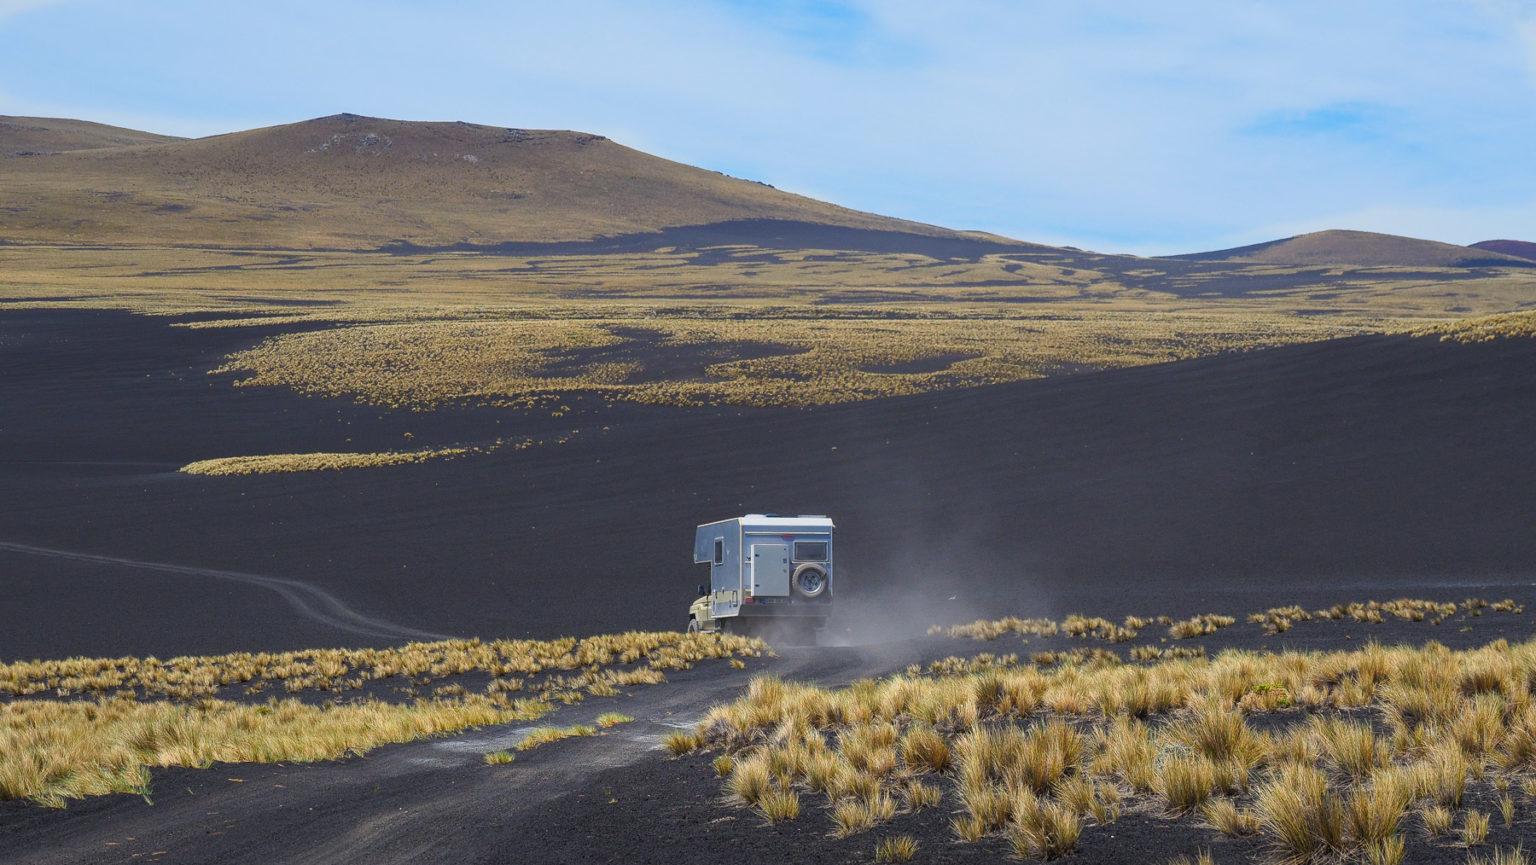 Lang geht es über schwarze Lavafelder mit gelben Grasbüscheln